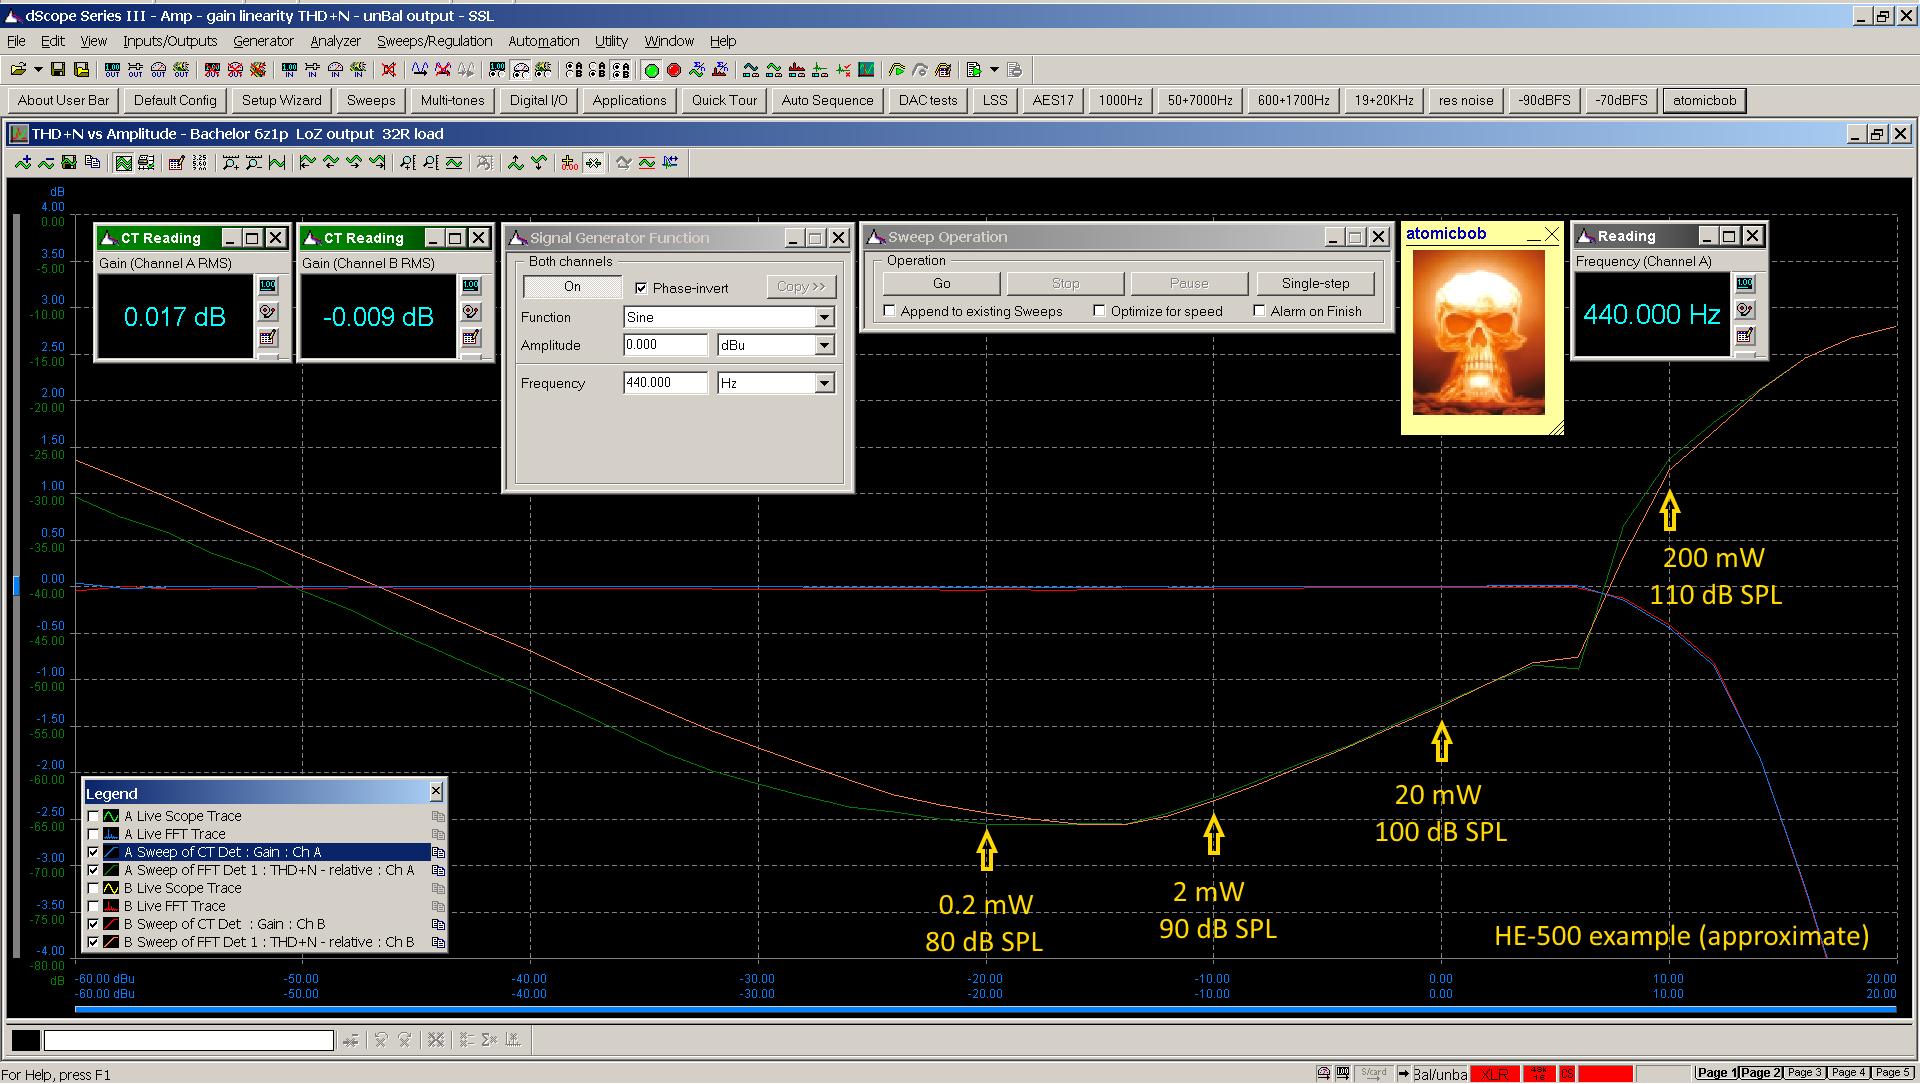 05 20200623 Bachelor 6z1p THD+N vs dBu 440Hz 30R LoZ 0dB gain - annotated.png